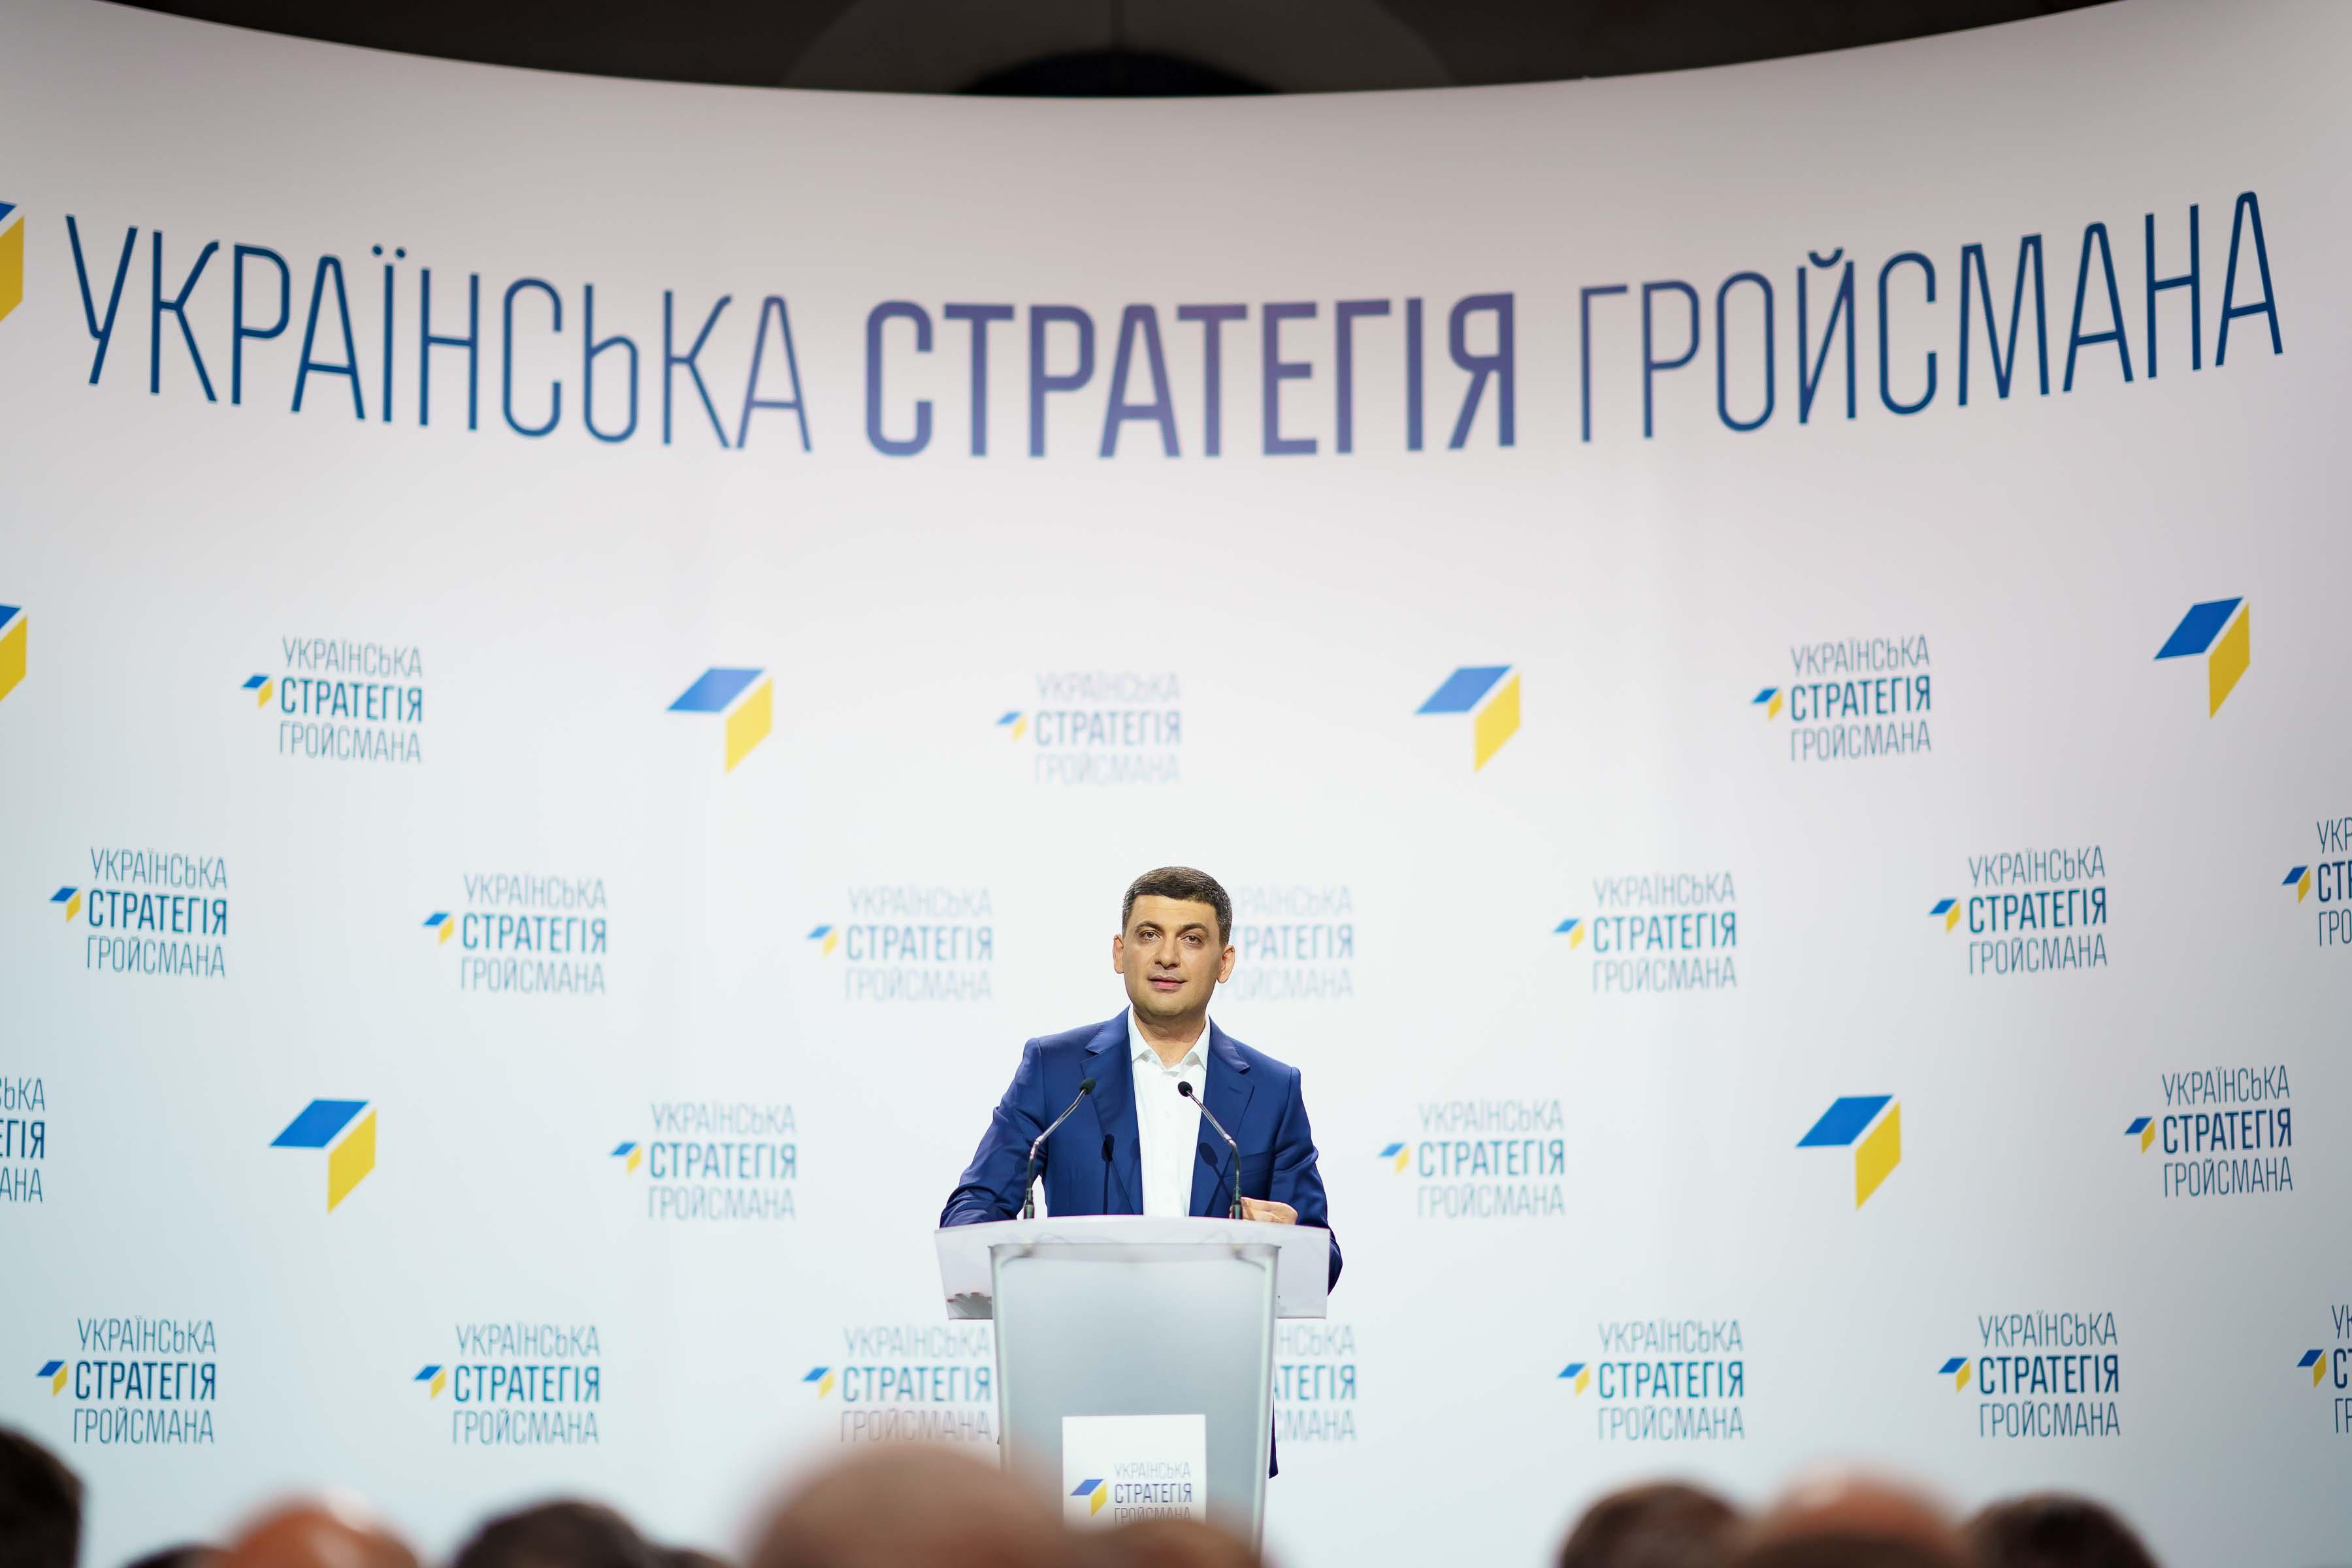 """Молоді та прогресивні: з ким іде в парламент """"Українська стратегія Гройсмана""""?"""